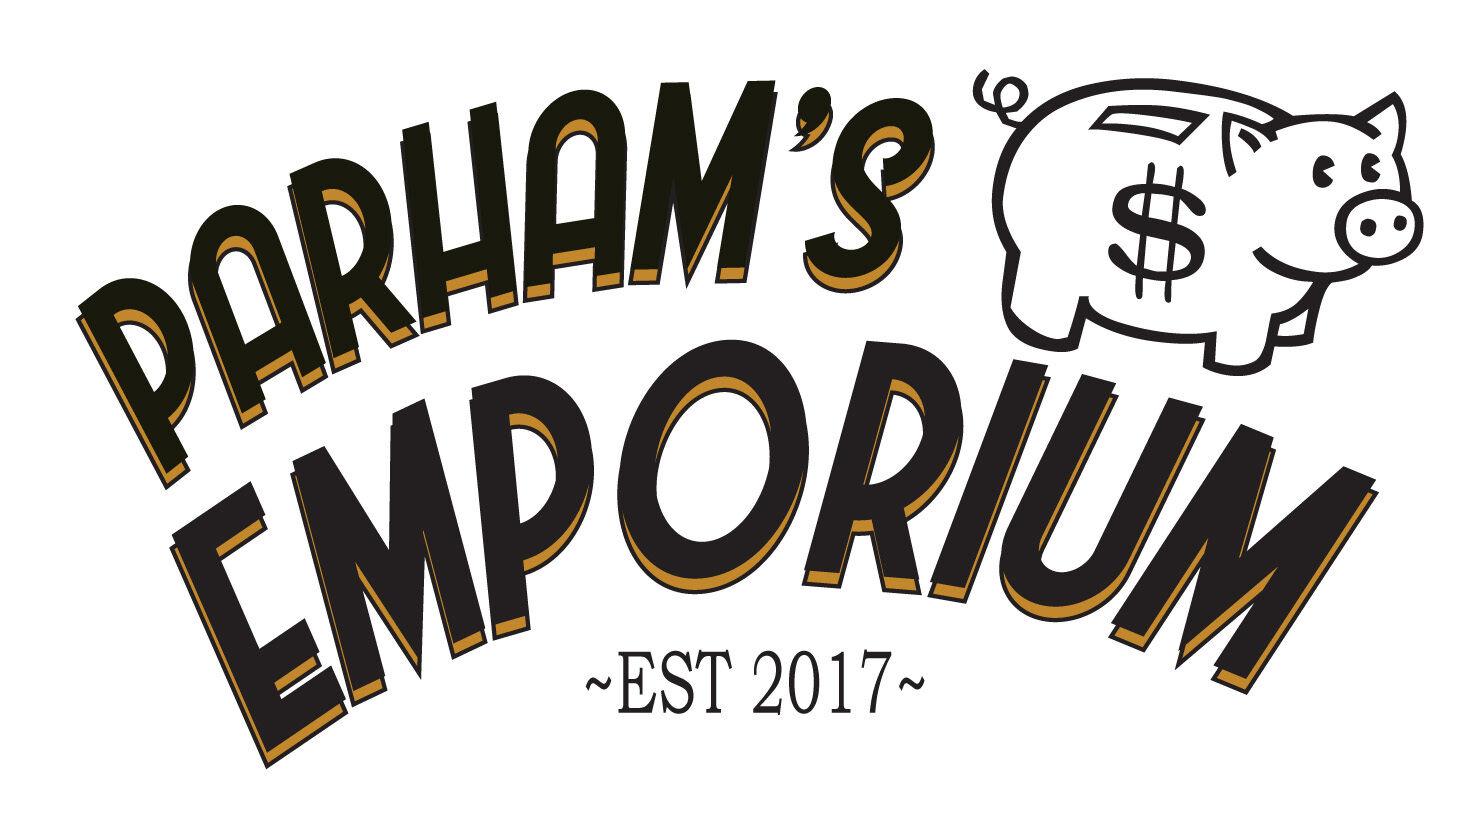 Parham s Emporium